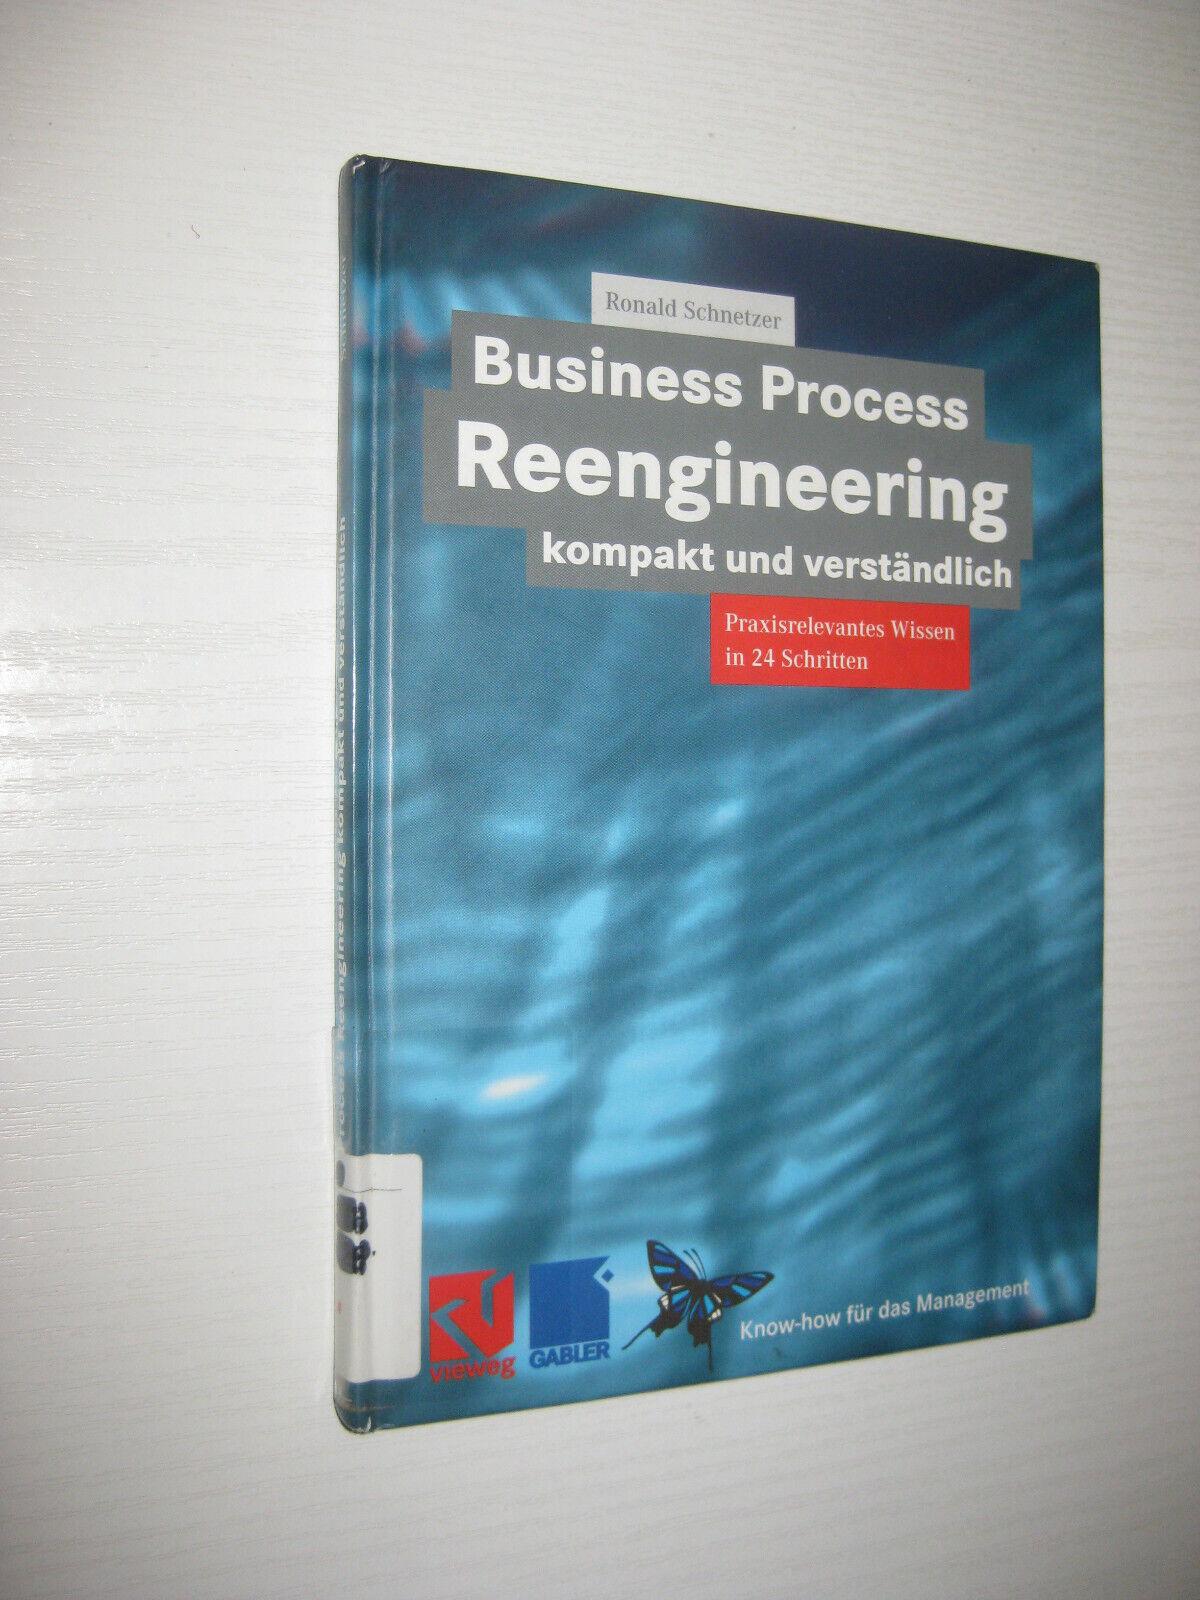 Business Process Reengineering kompakt und verständlich von Roland Schnetzer